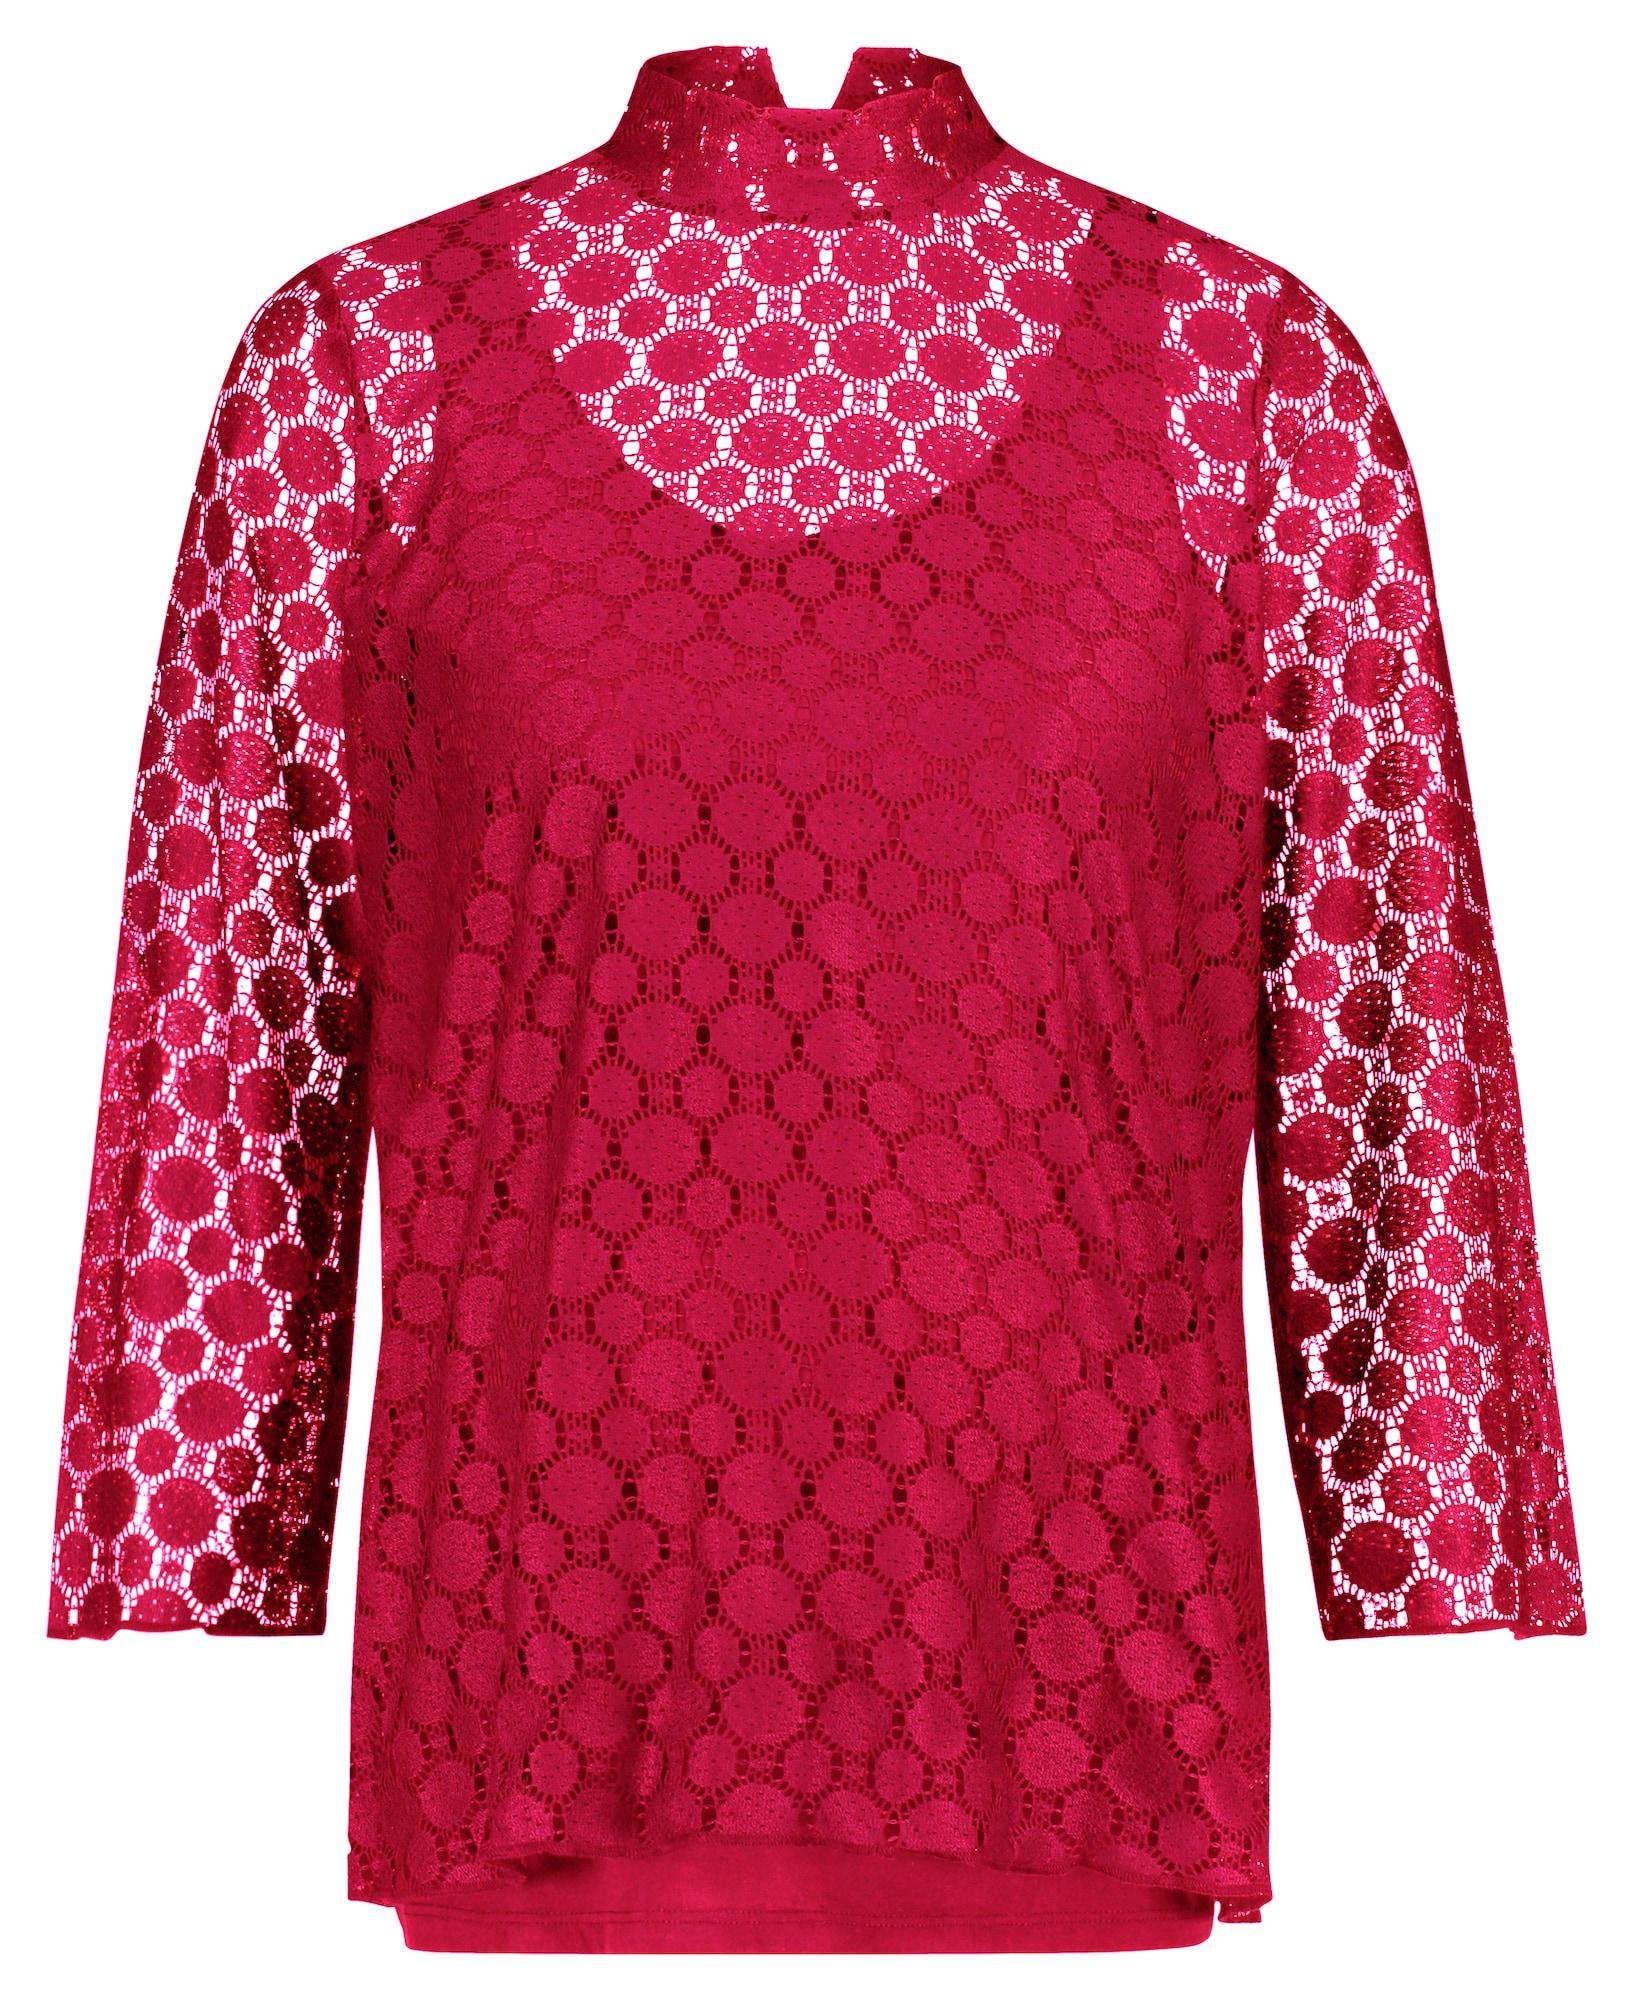 Langarmshirt 'Mae' | Bekleidung > Shirts > Langarmshirts | Noppies